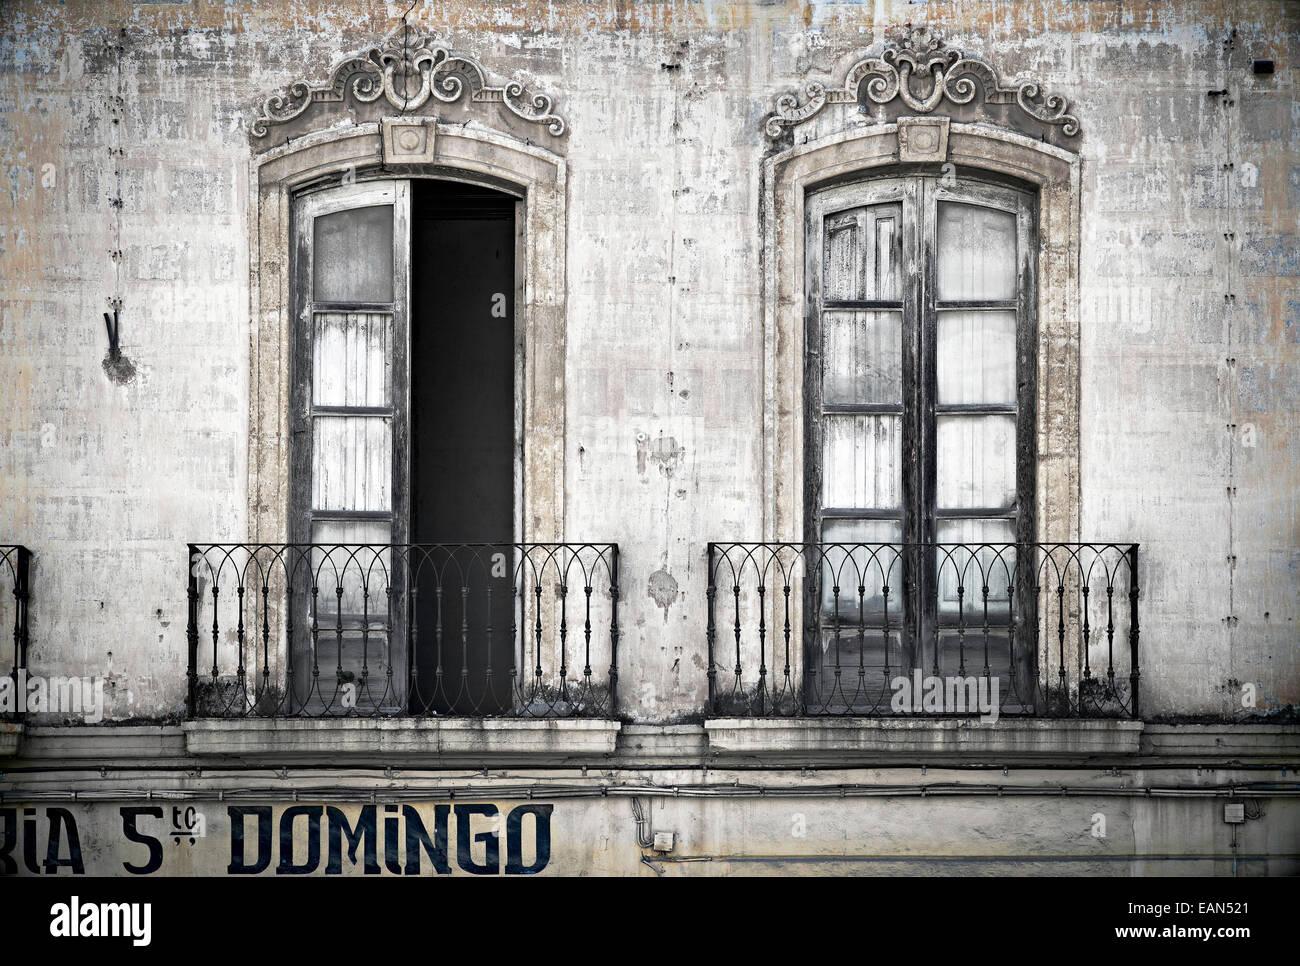 superb elegant windows #2: Sad but elegant windows, Almeria, Spain